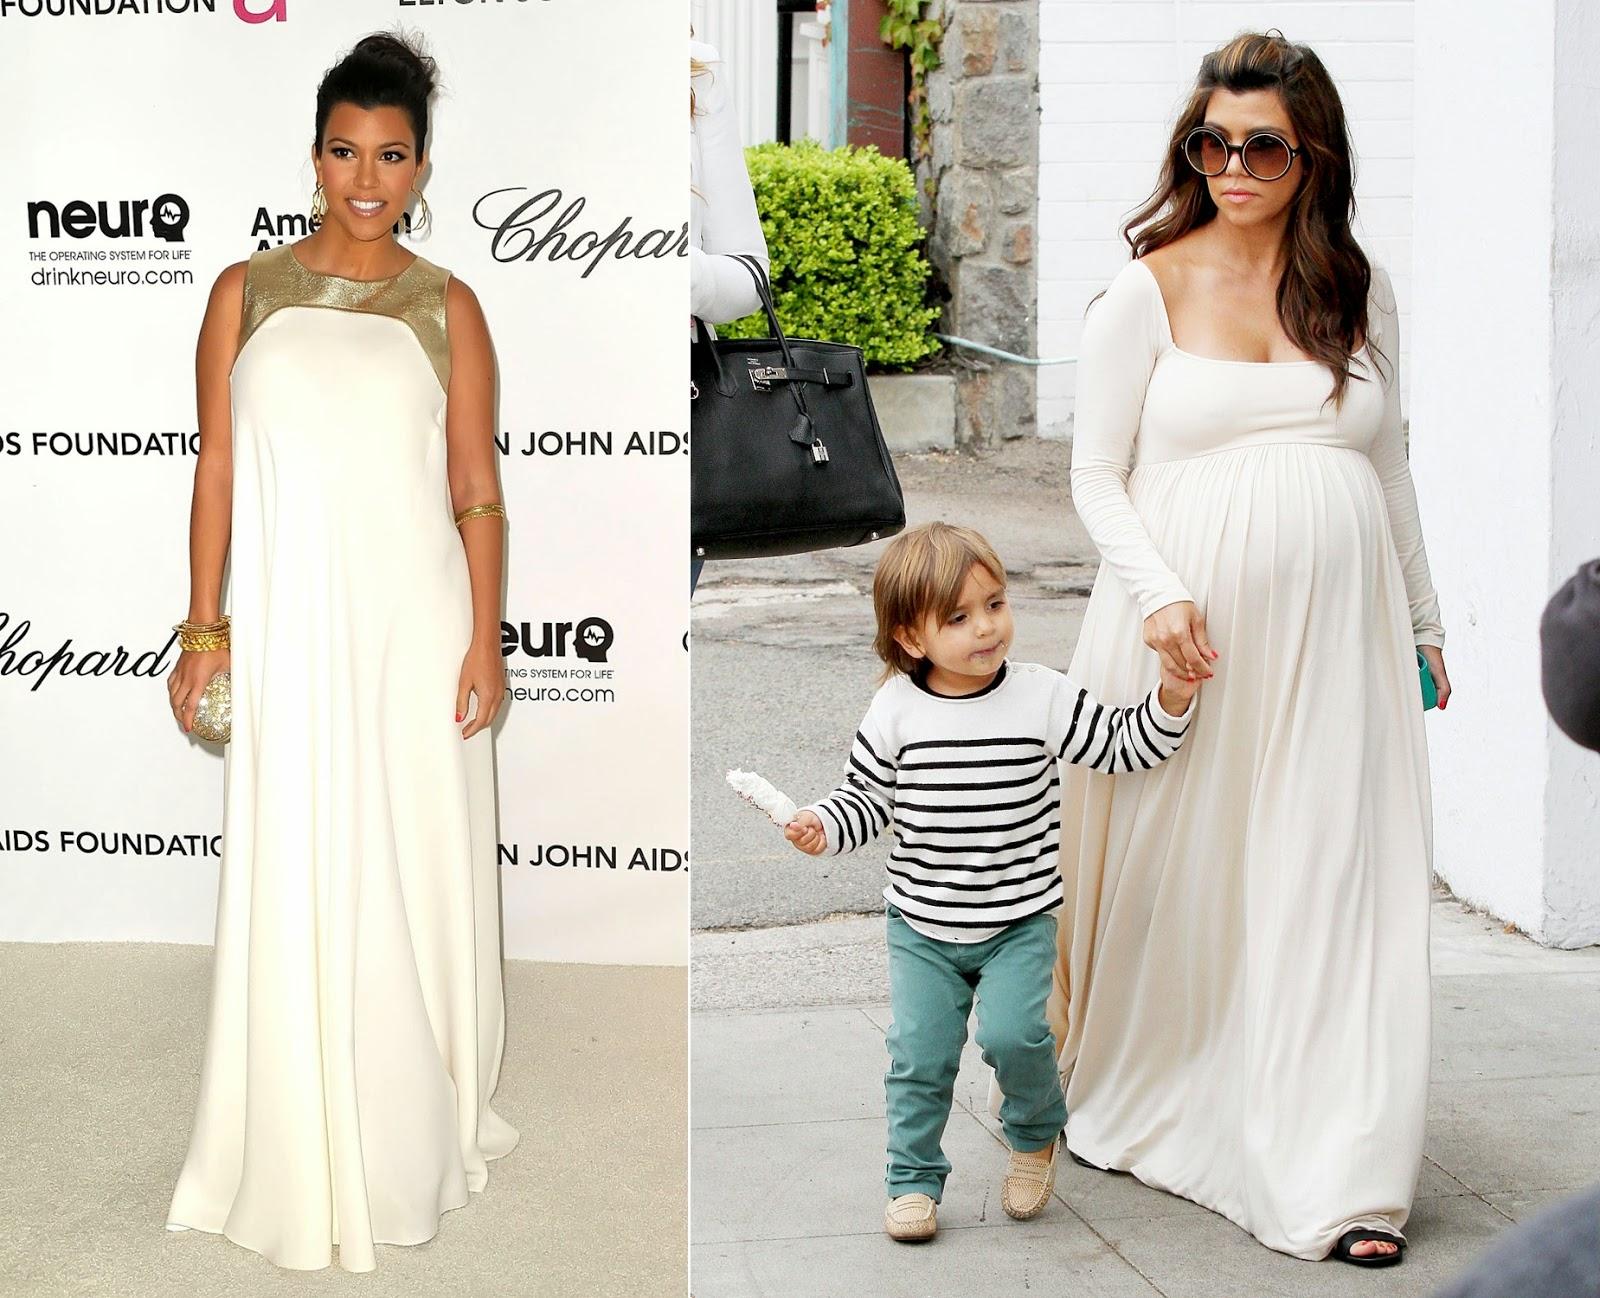 vestido de festa gravida Kourtney Kardashian